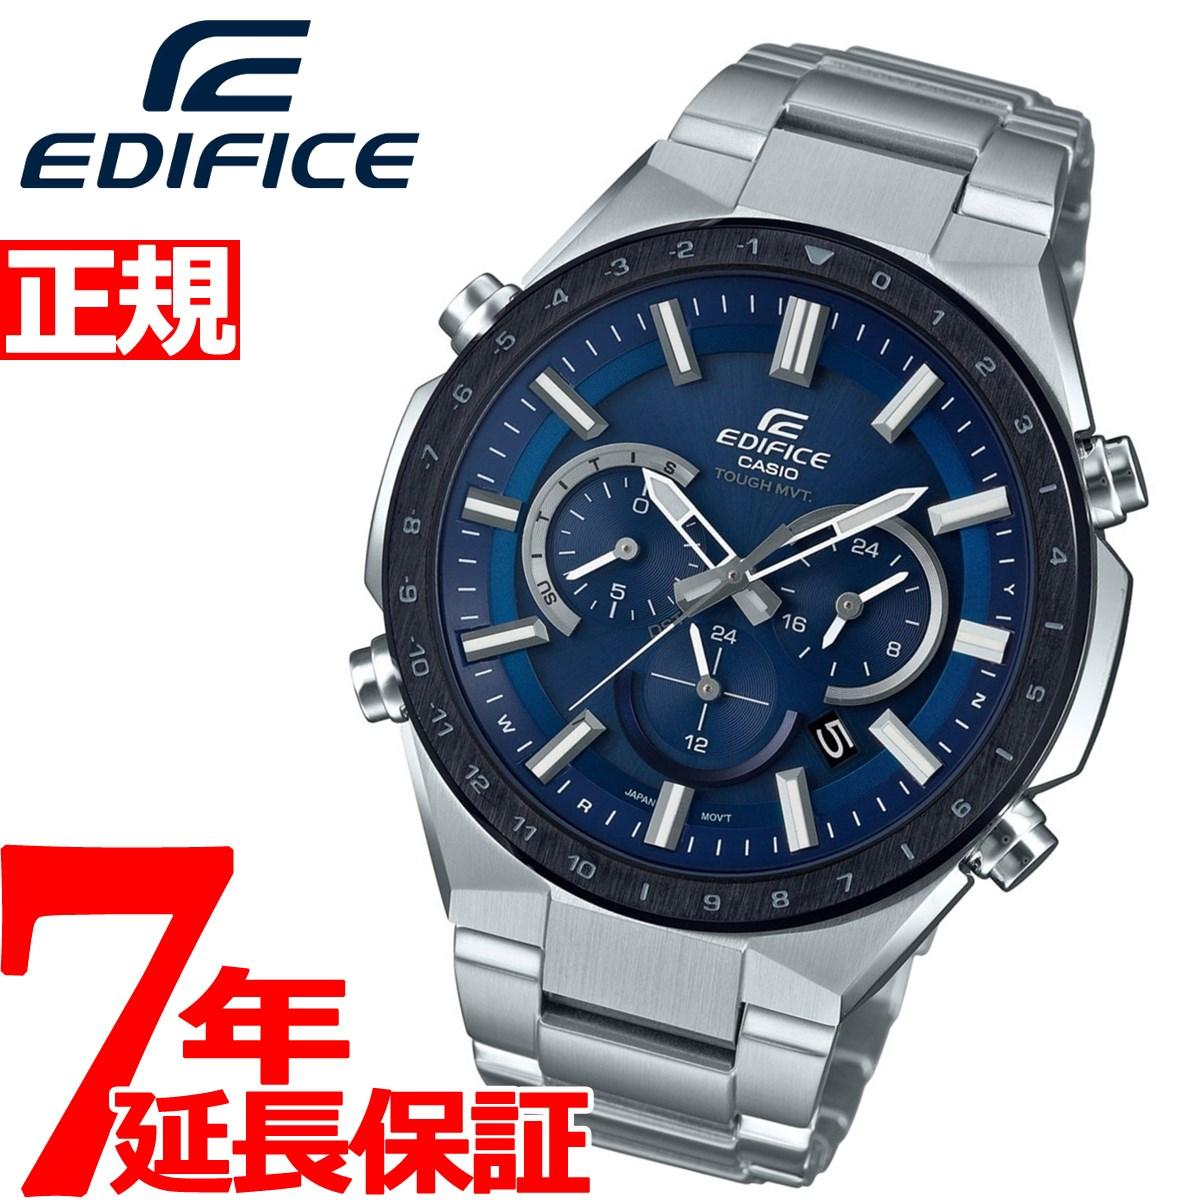 カシオ エディフィス CASIO EDIFICE 電波 ソーラー 電波時計 腕時計 メンズ タフソーラー クロノグラフ EQW-T660DB-2AJF【2018 新作】